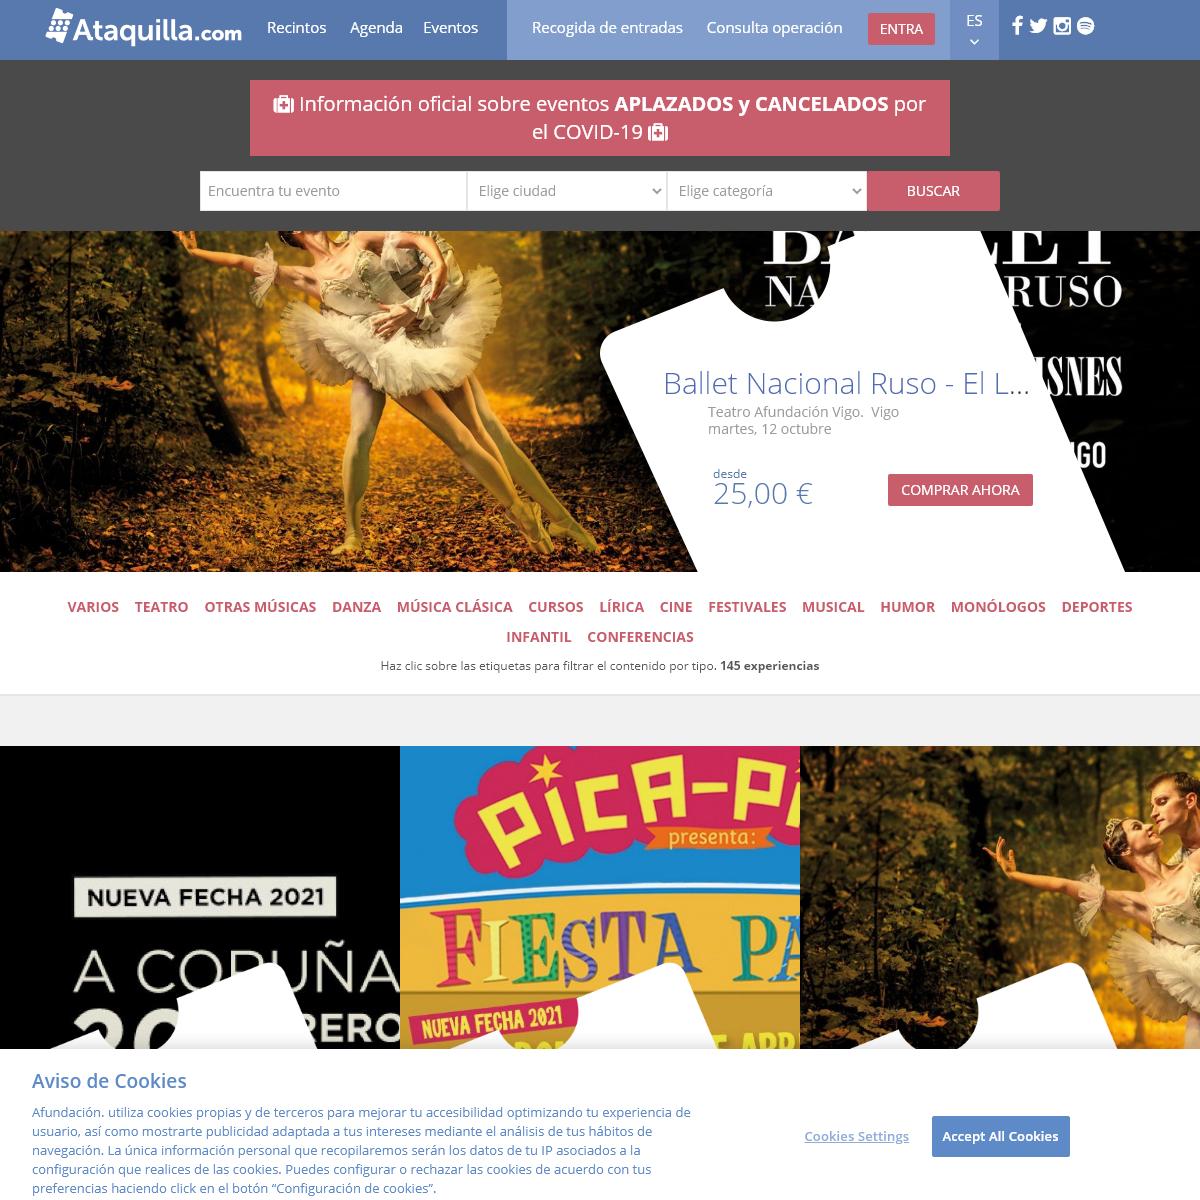 Entradas para teatro, musicales, conciertos... - compra entradas - Ataquilla.com